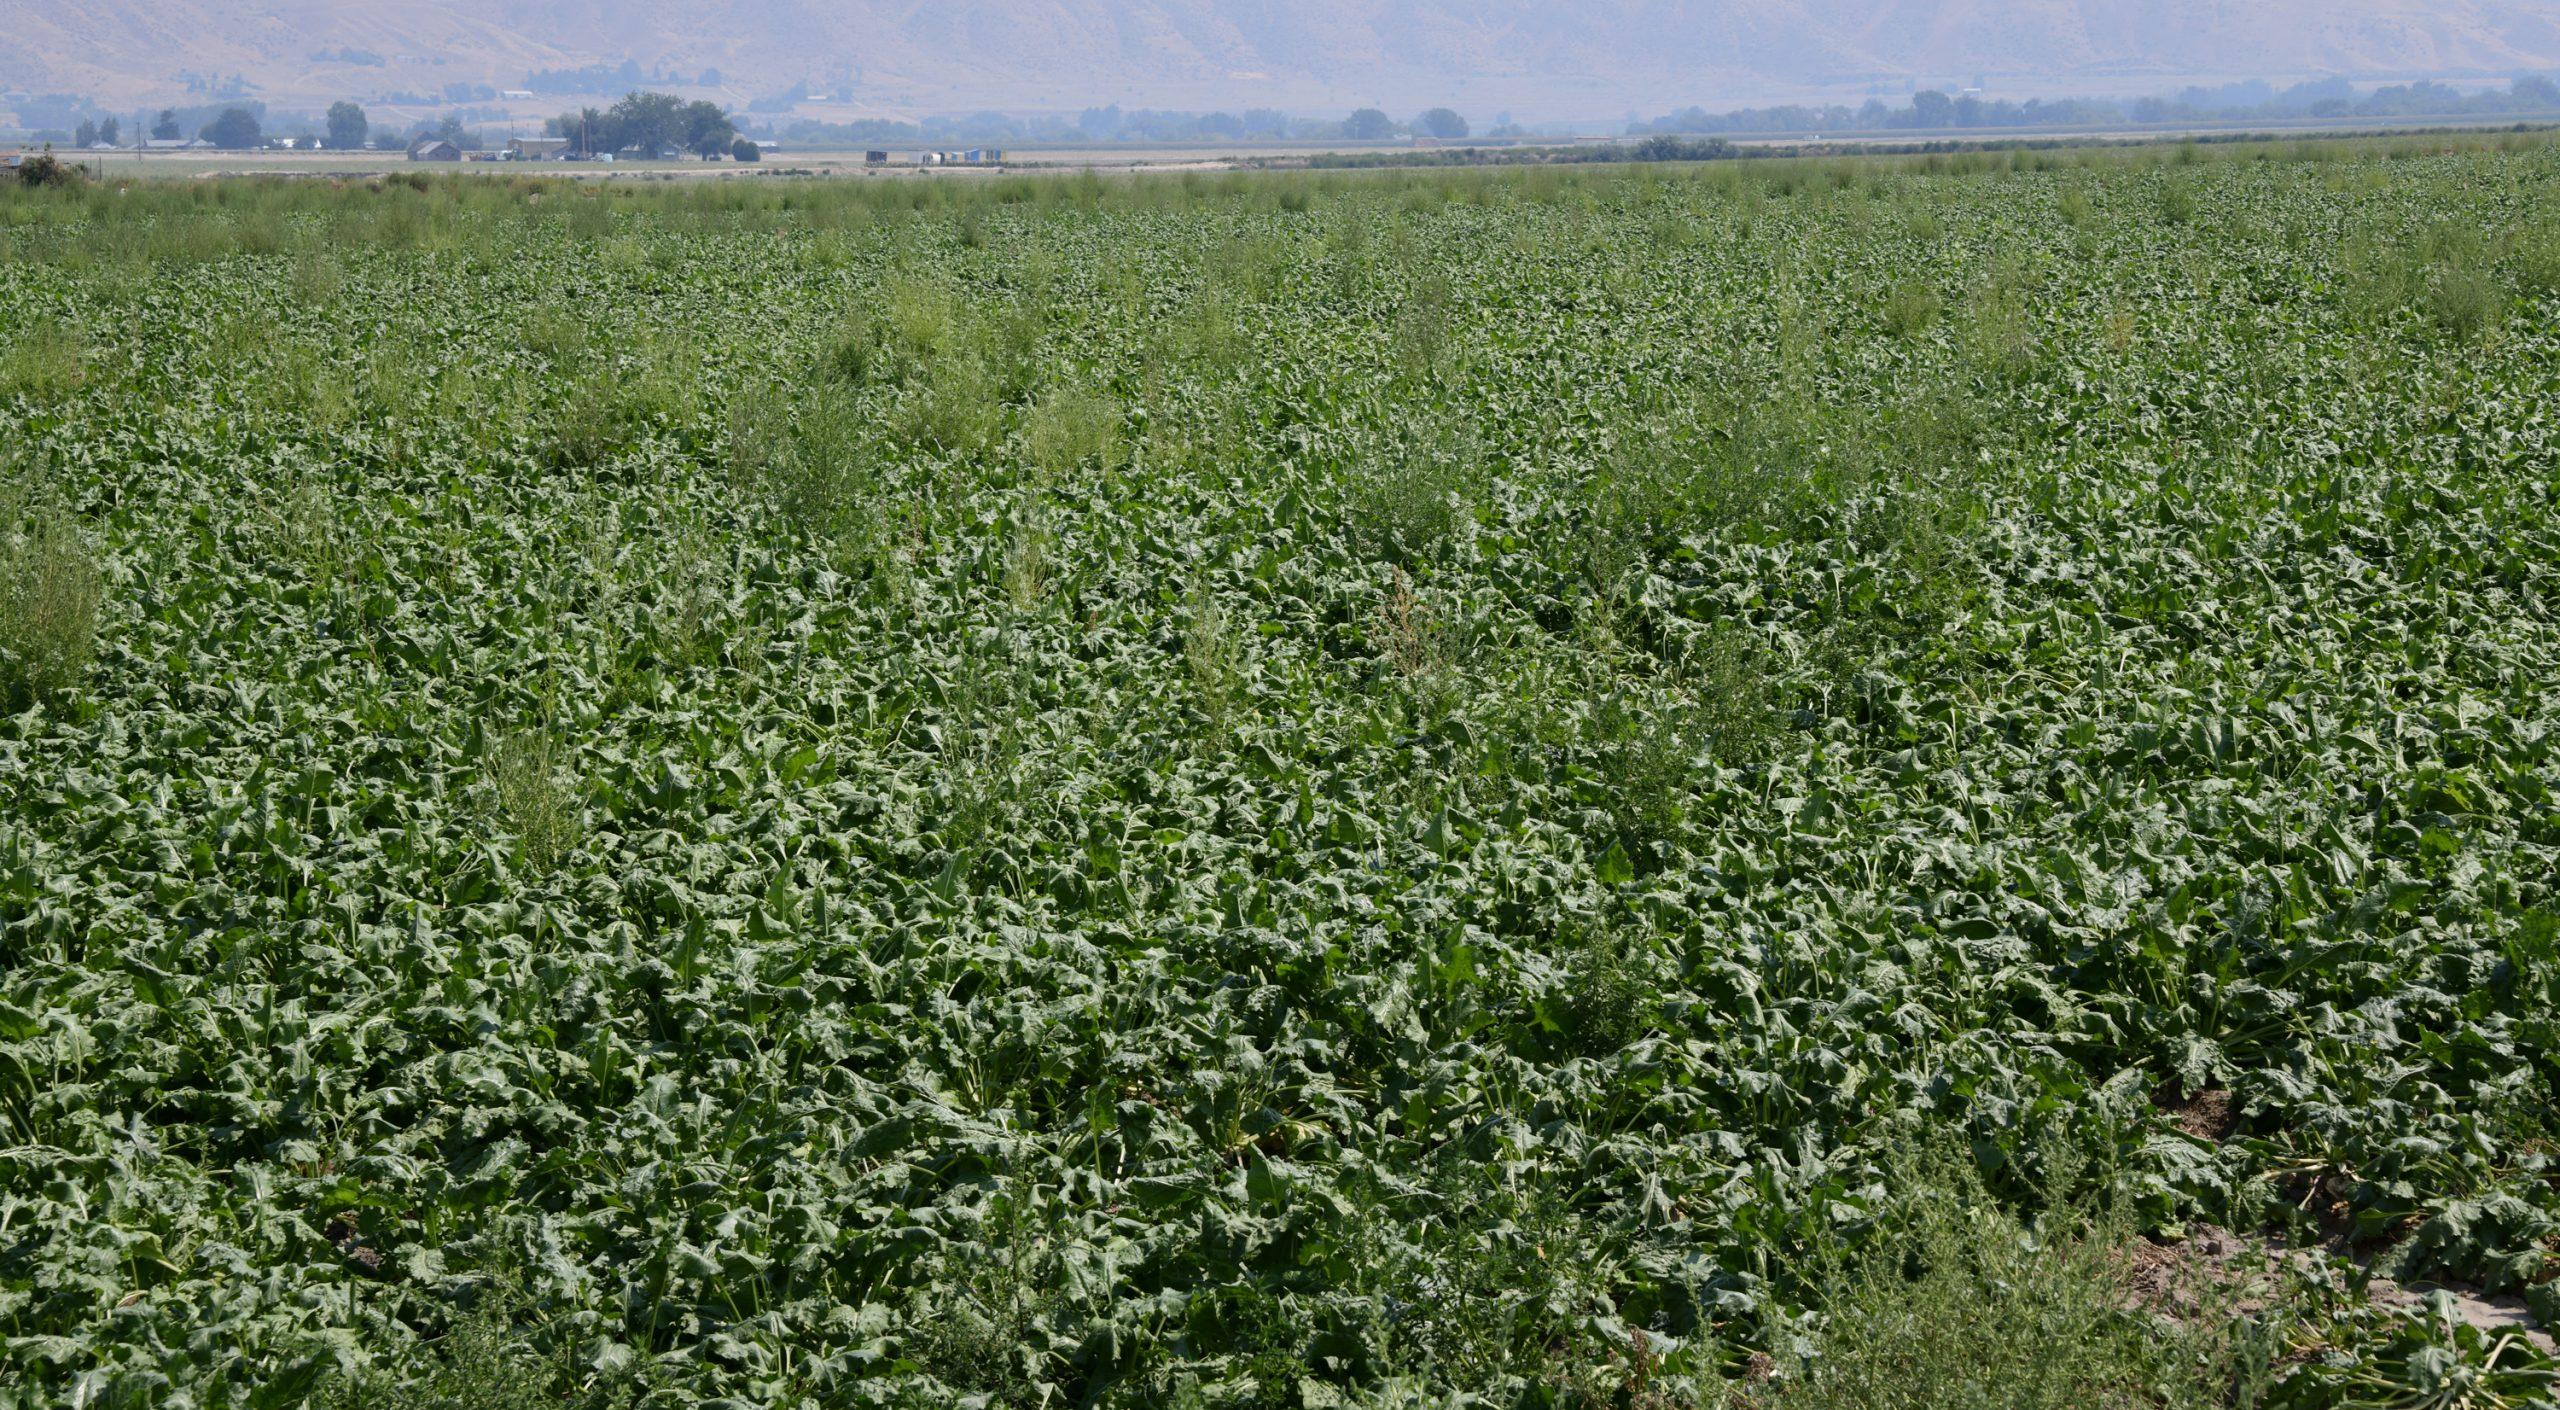 Kochia in a sugar beet field.